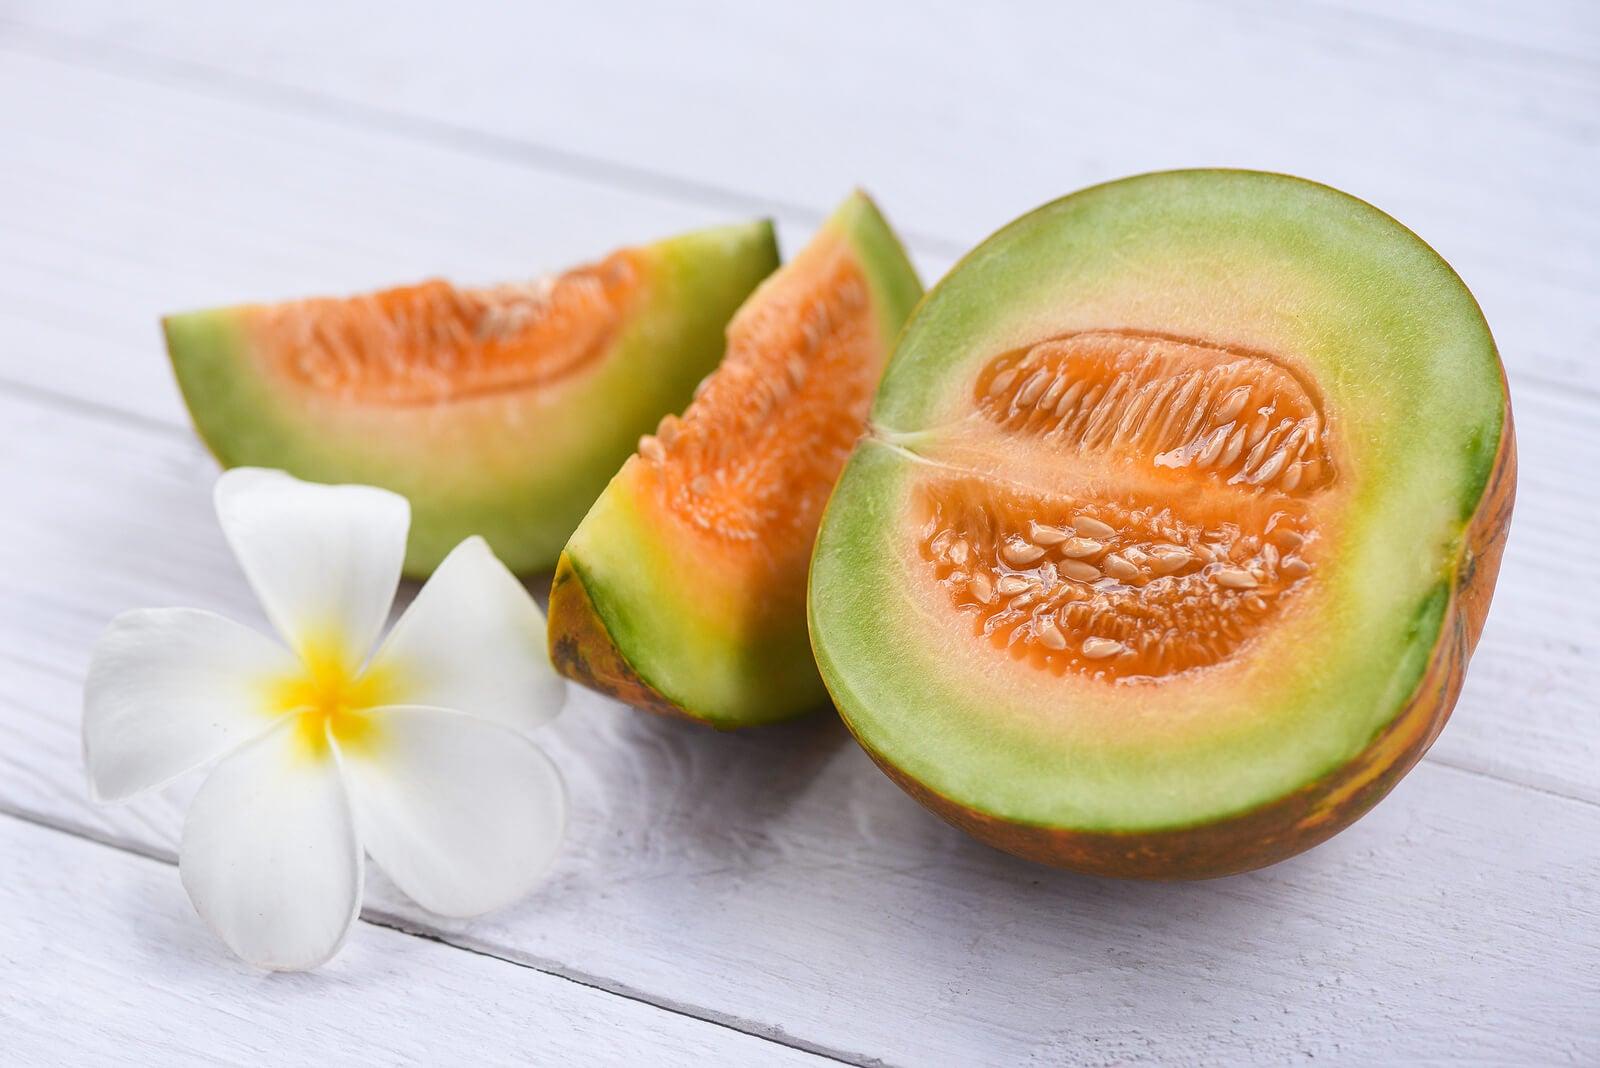 El melón es una fruta rica en agua.